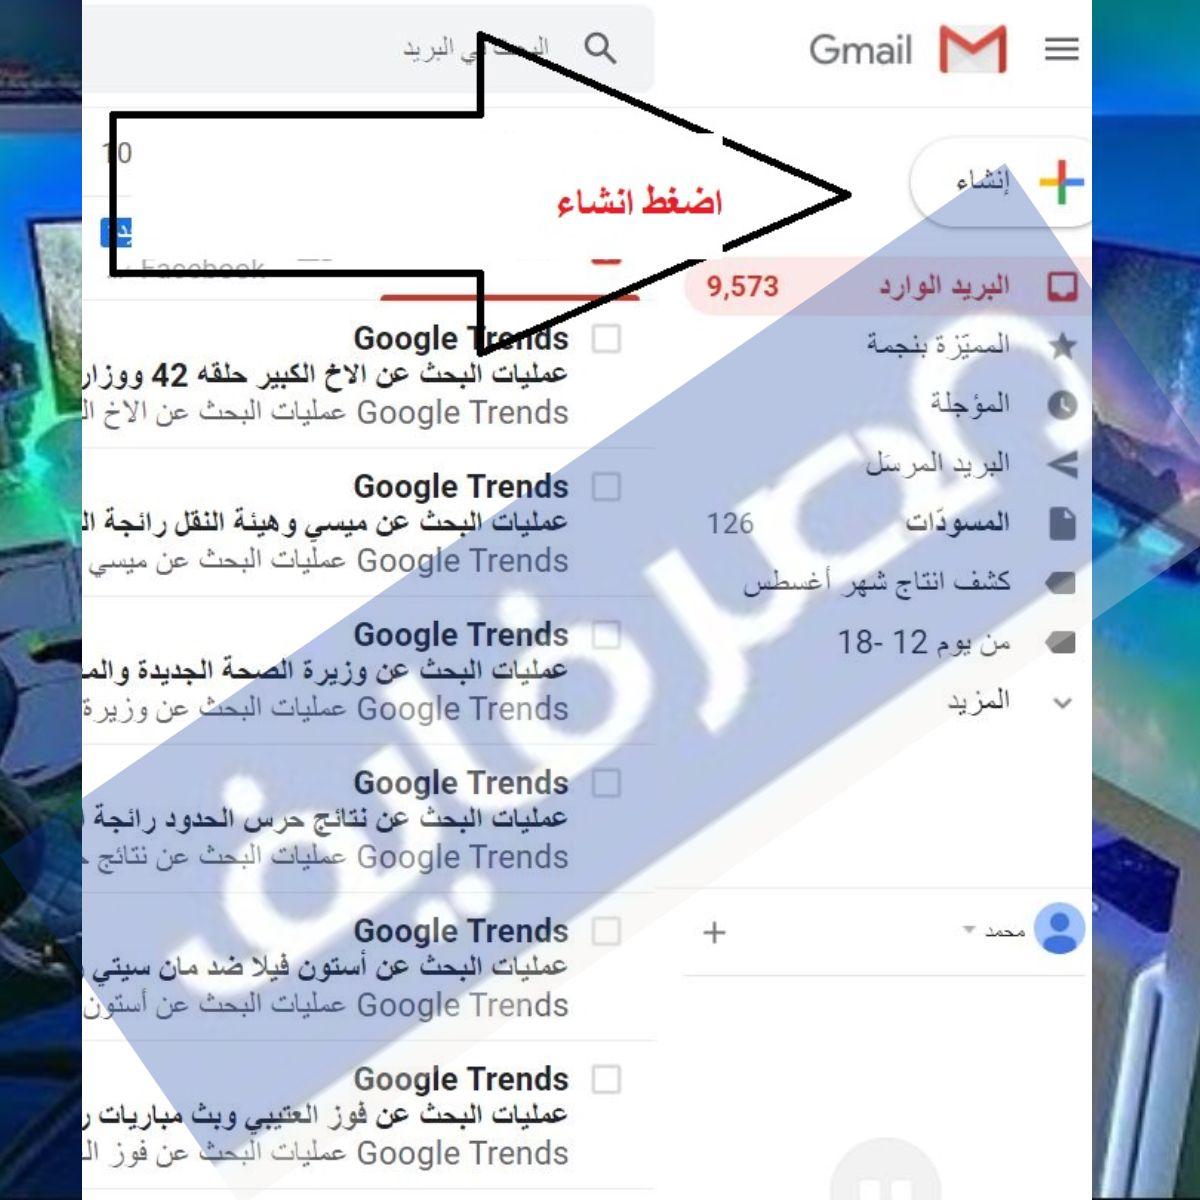 صور واتس 2020 أجمل صور مكتوب عليها حكم واتس اب عبارات واتس اب حزينة 58